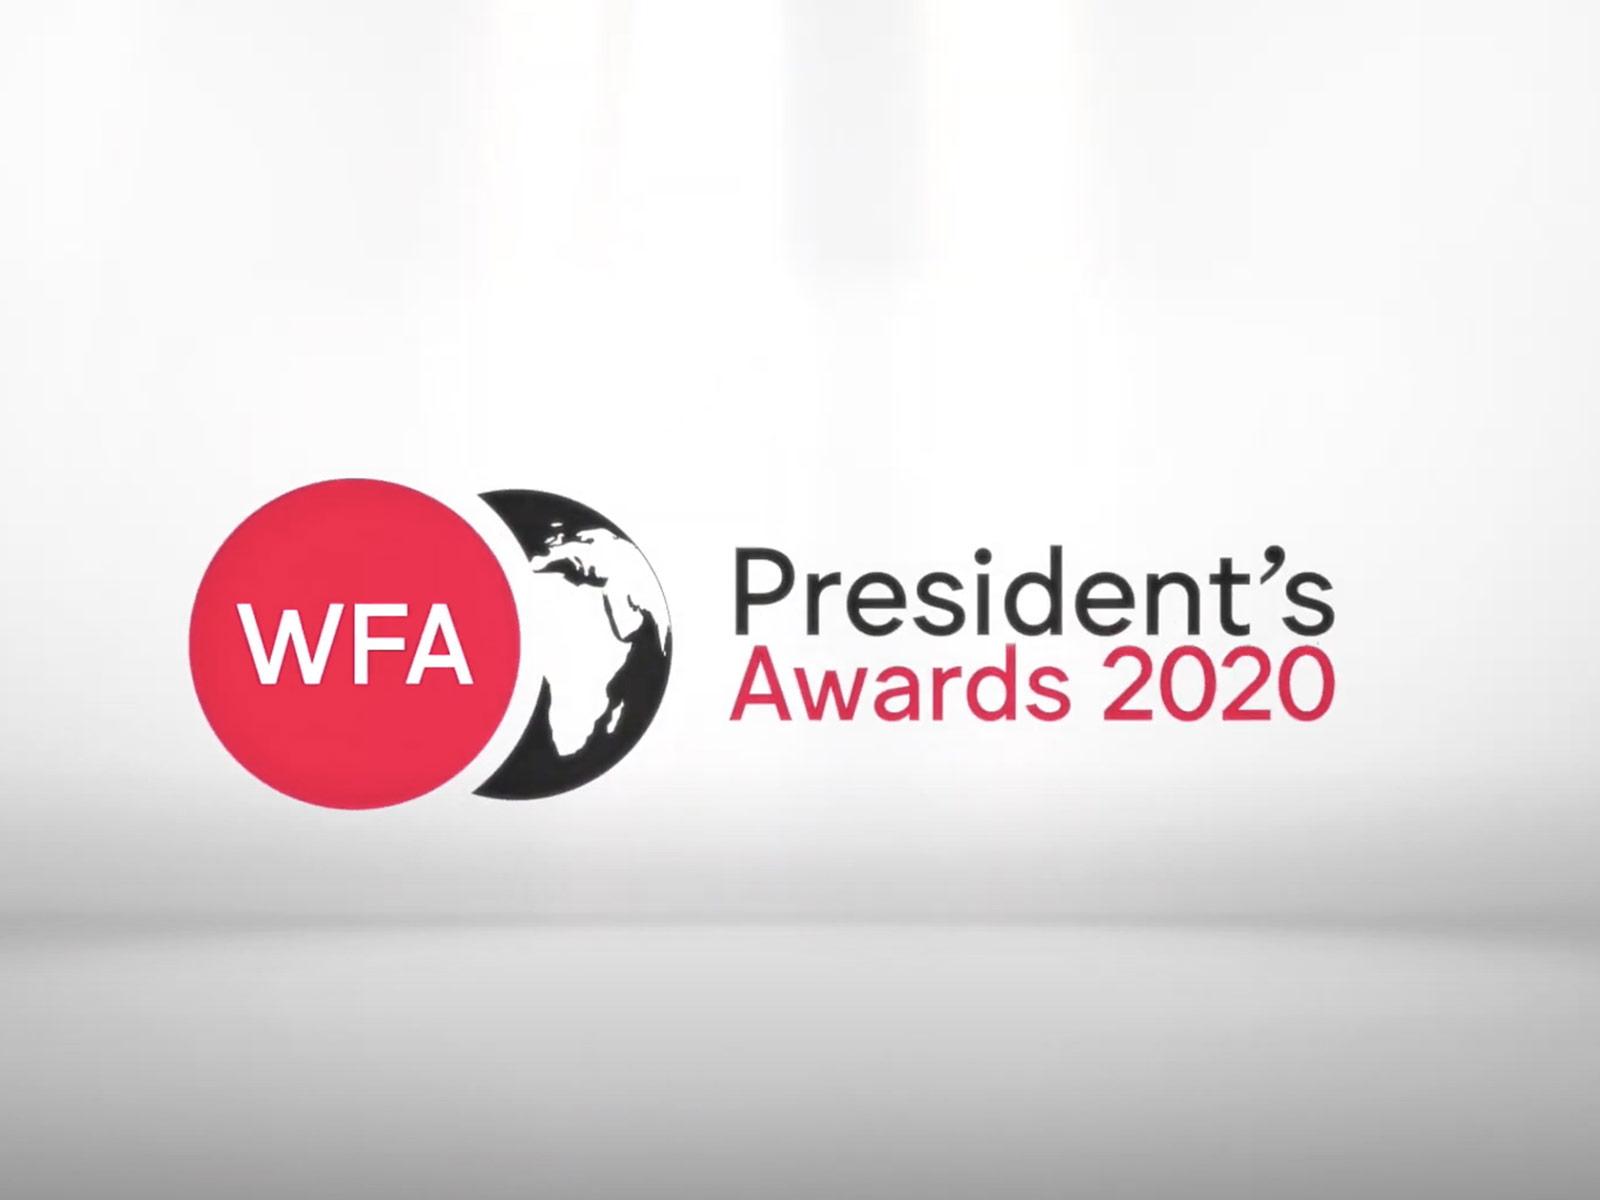 Il progetto NESSIE di UPA e Neodata Group premiato da WFA con il President's Award